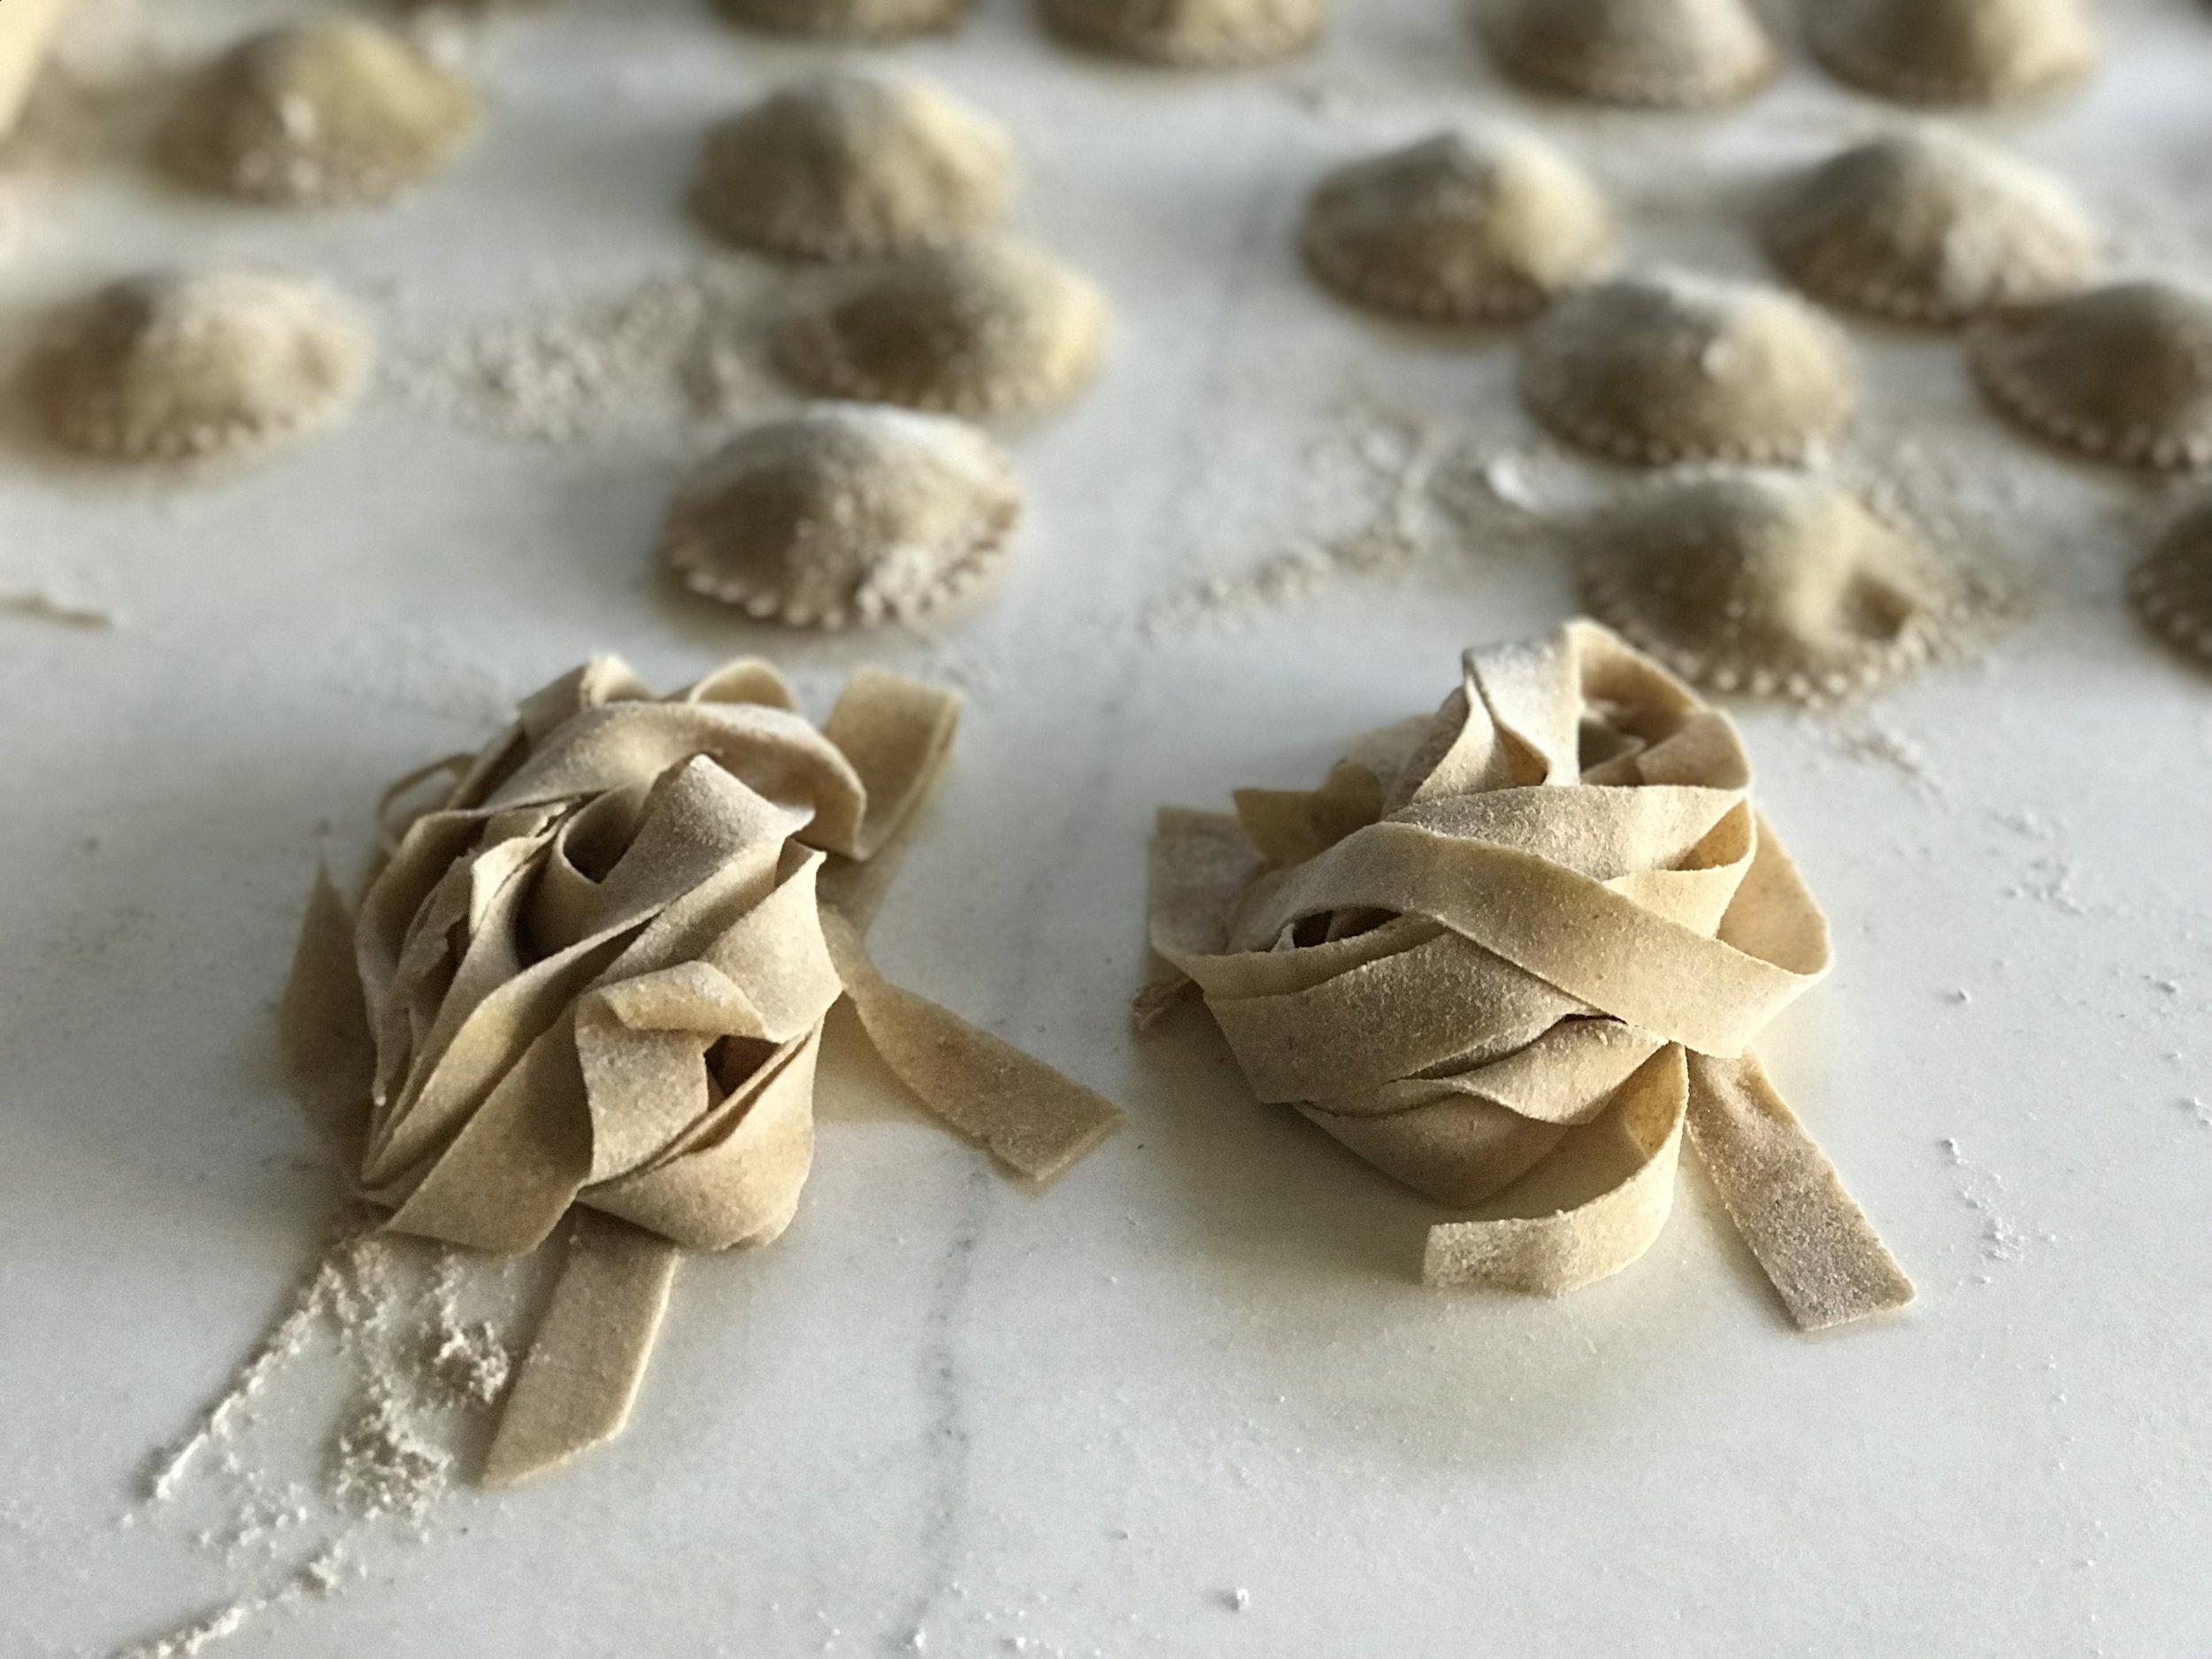 Fettucine and ravioli